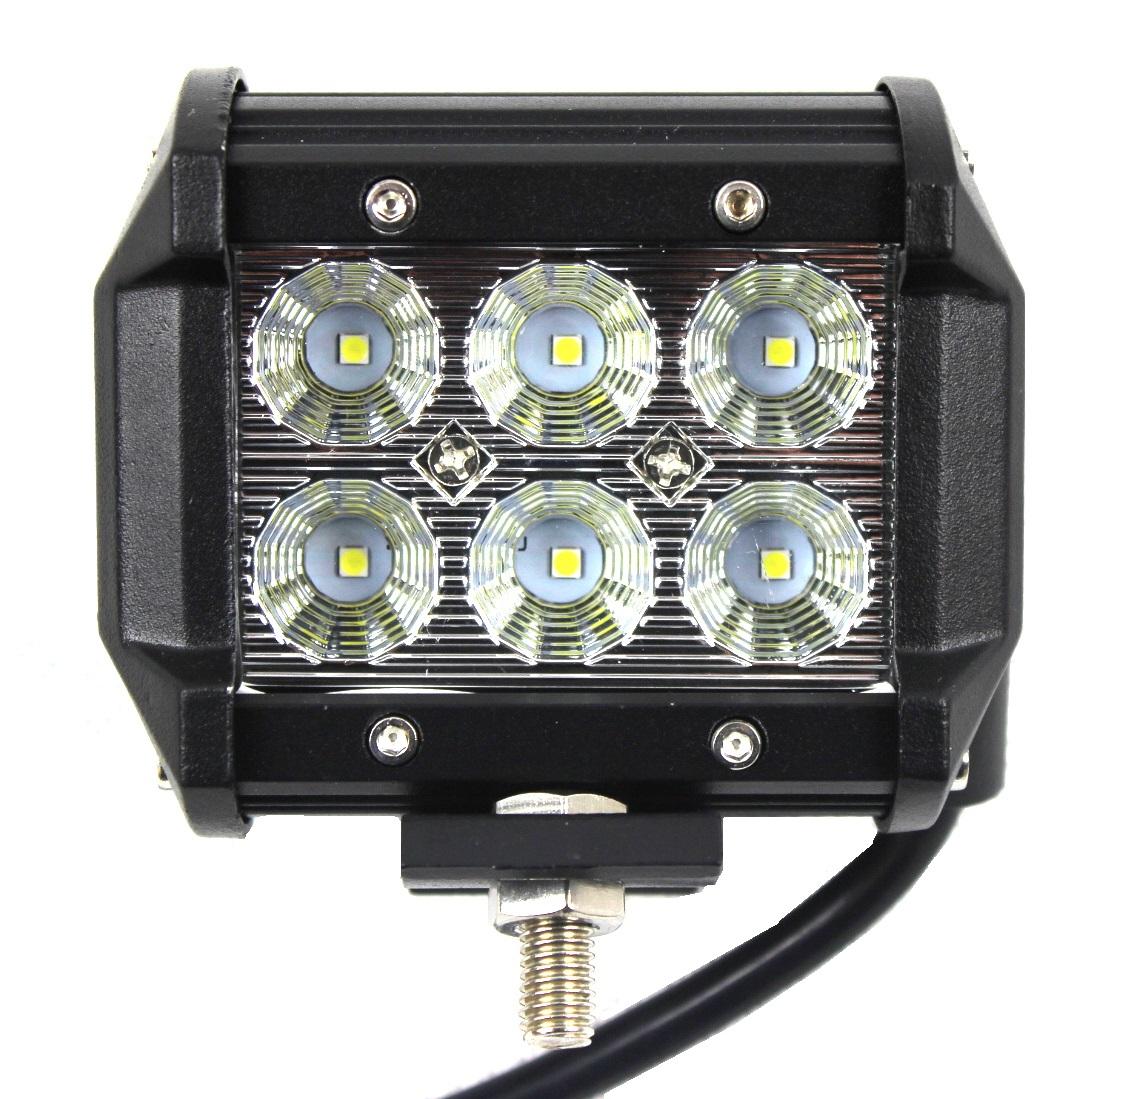 лампа рабочая 6 led панель 18w cree галоген 12v 24v